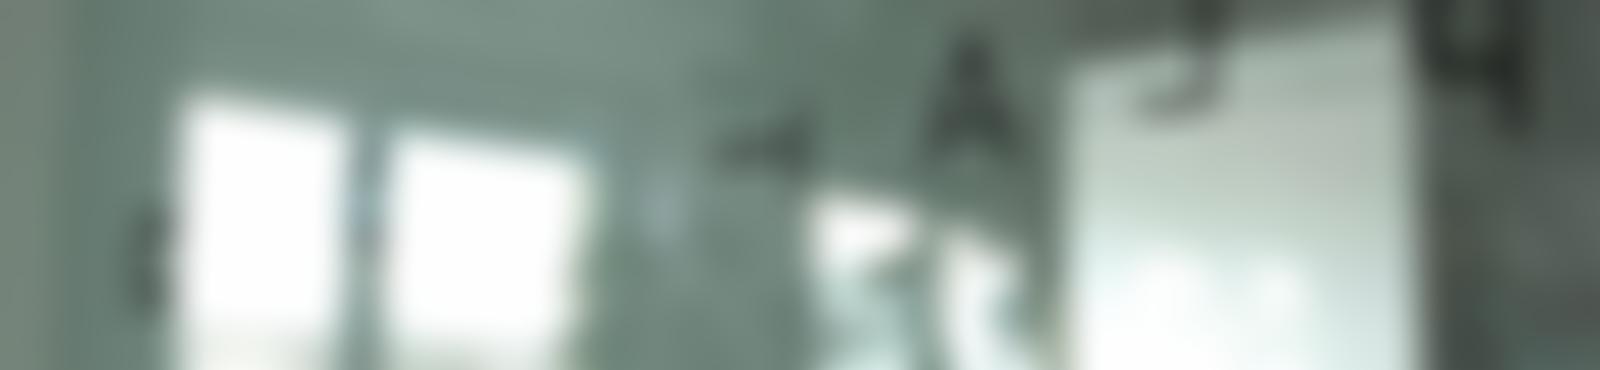 Blurred 13576819 532682953593276 4253771063710568785 o